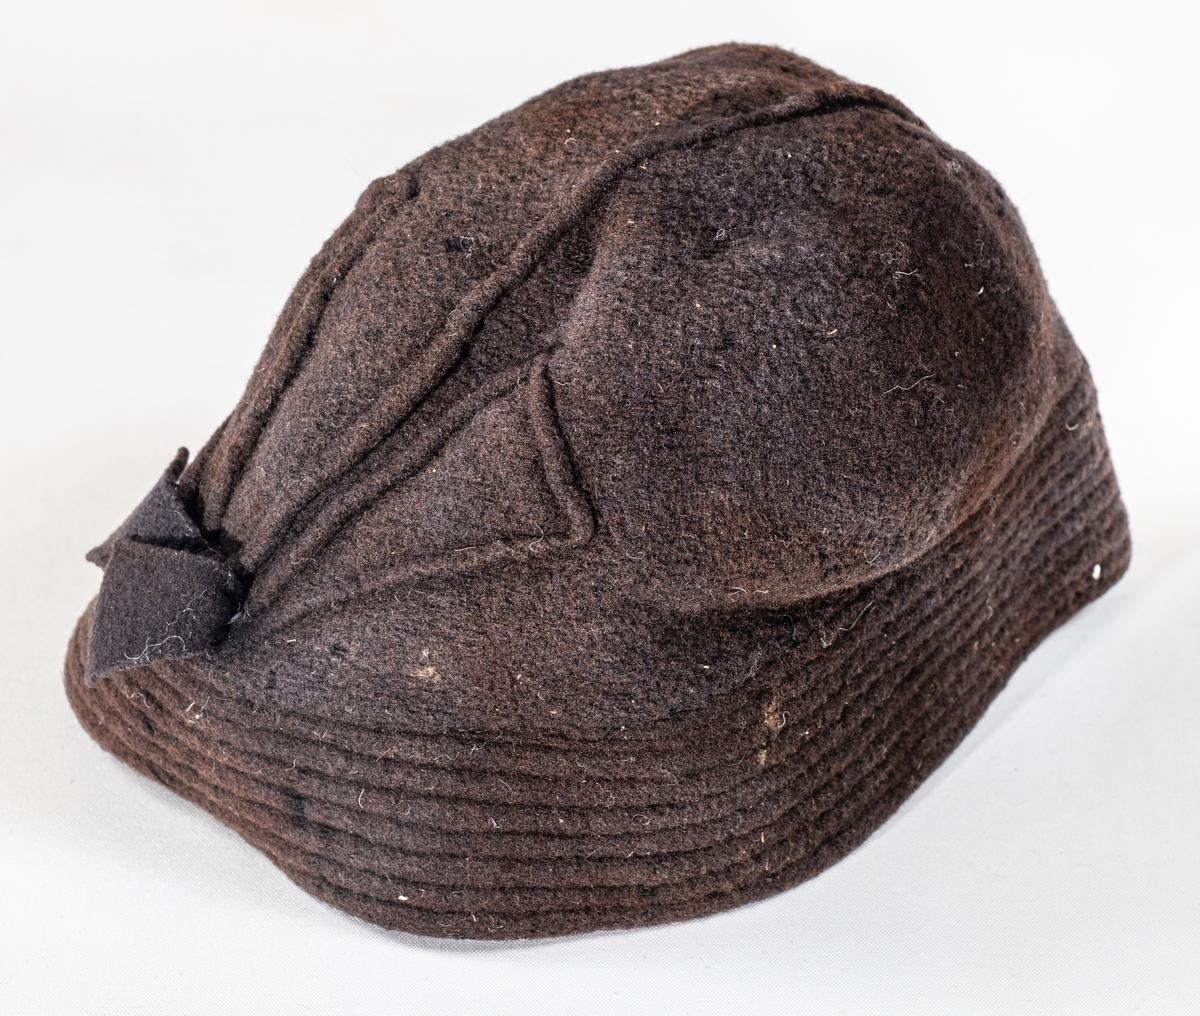 Lue, hatt i brun filt. Vattert brem rundt. Sydde biser til pynt. Sløyfe midt bak.